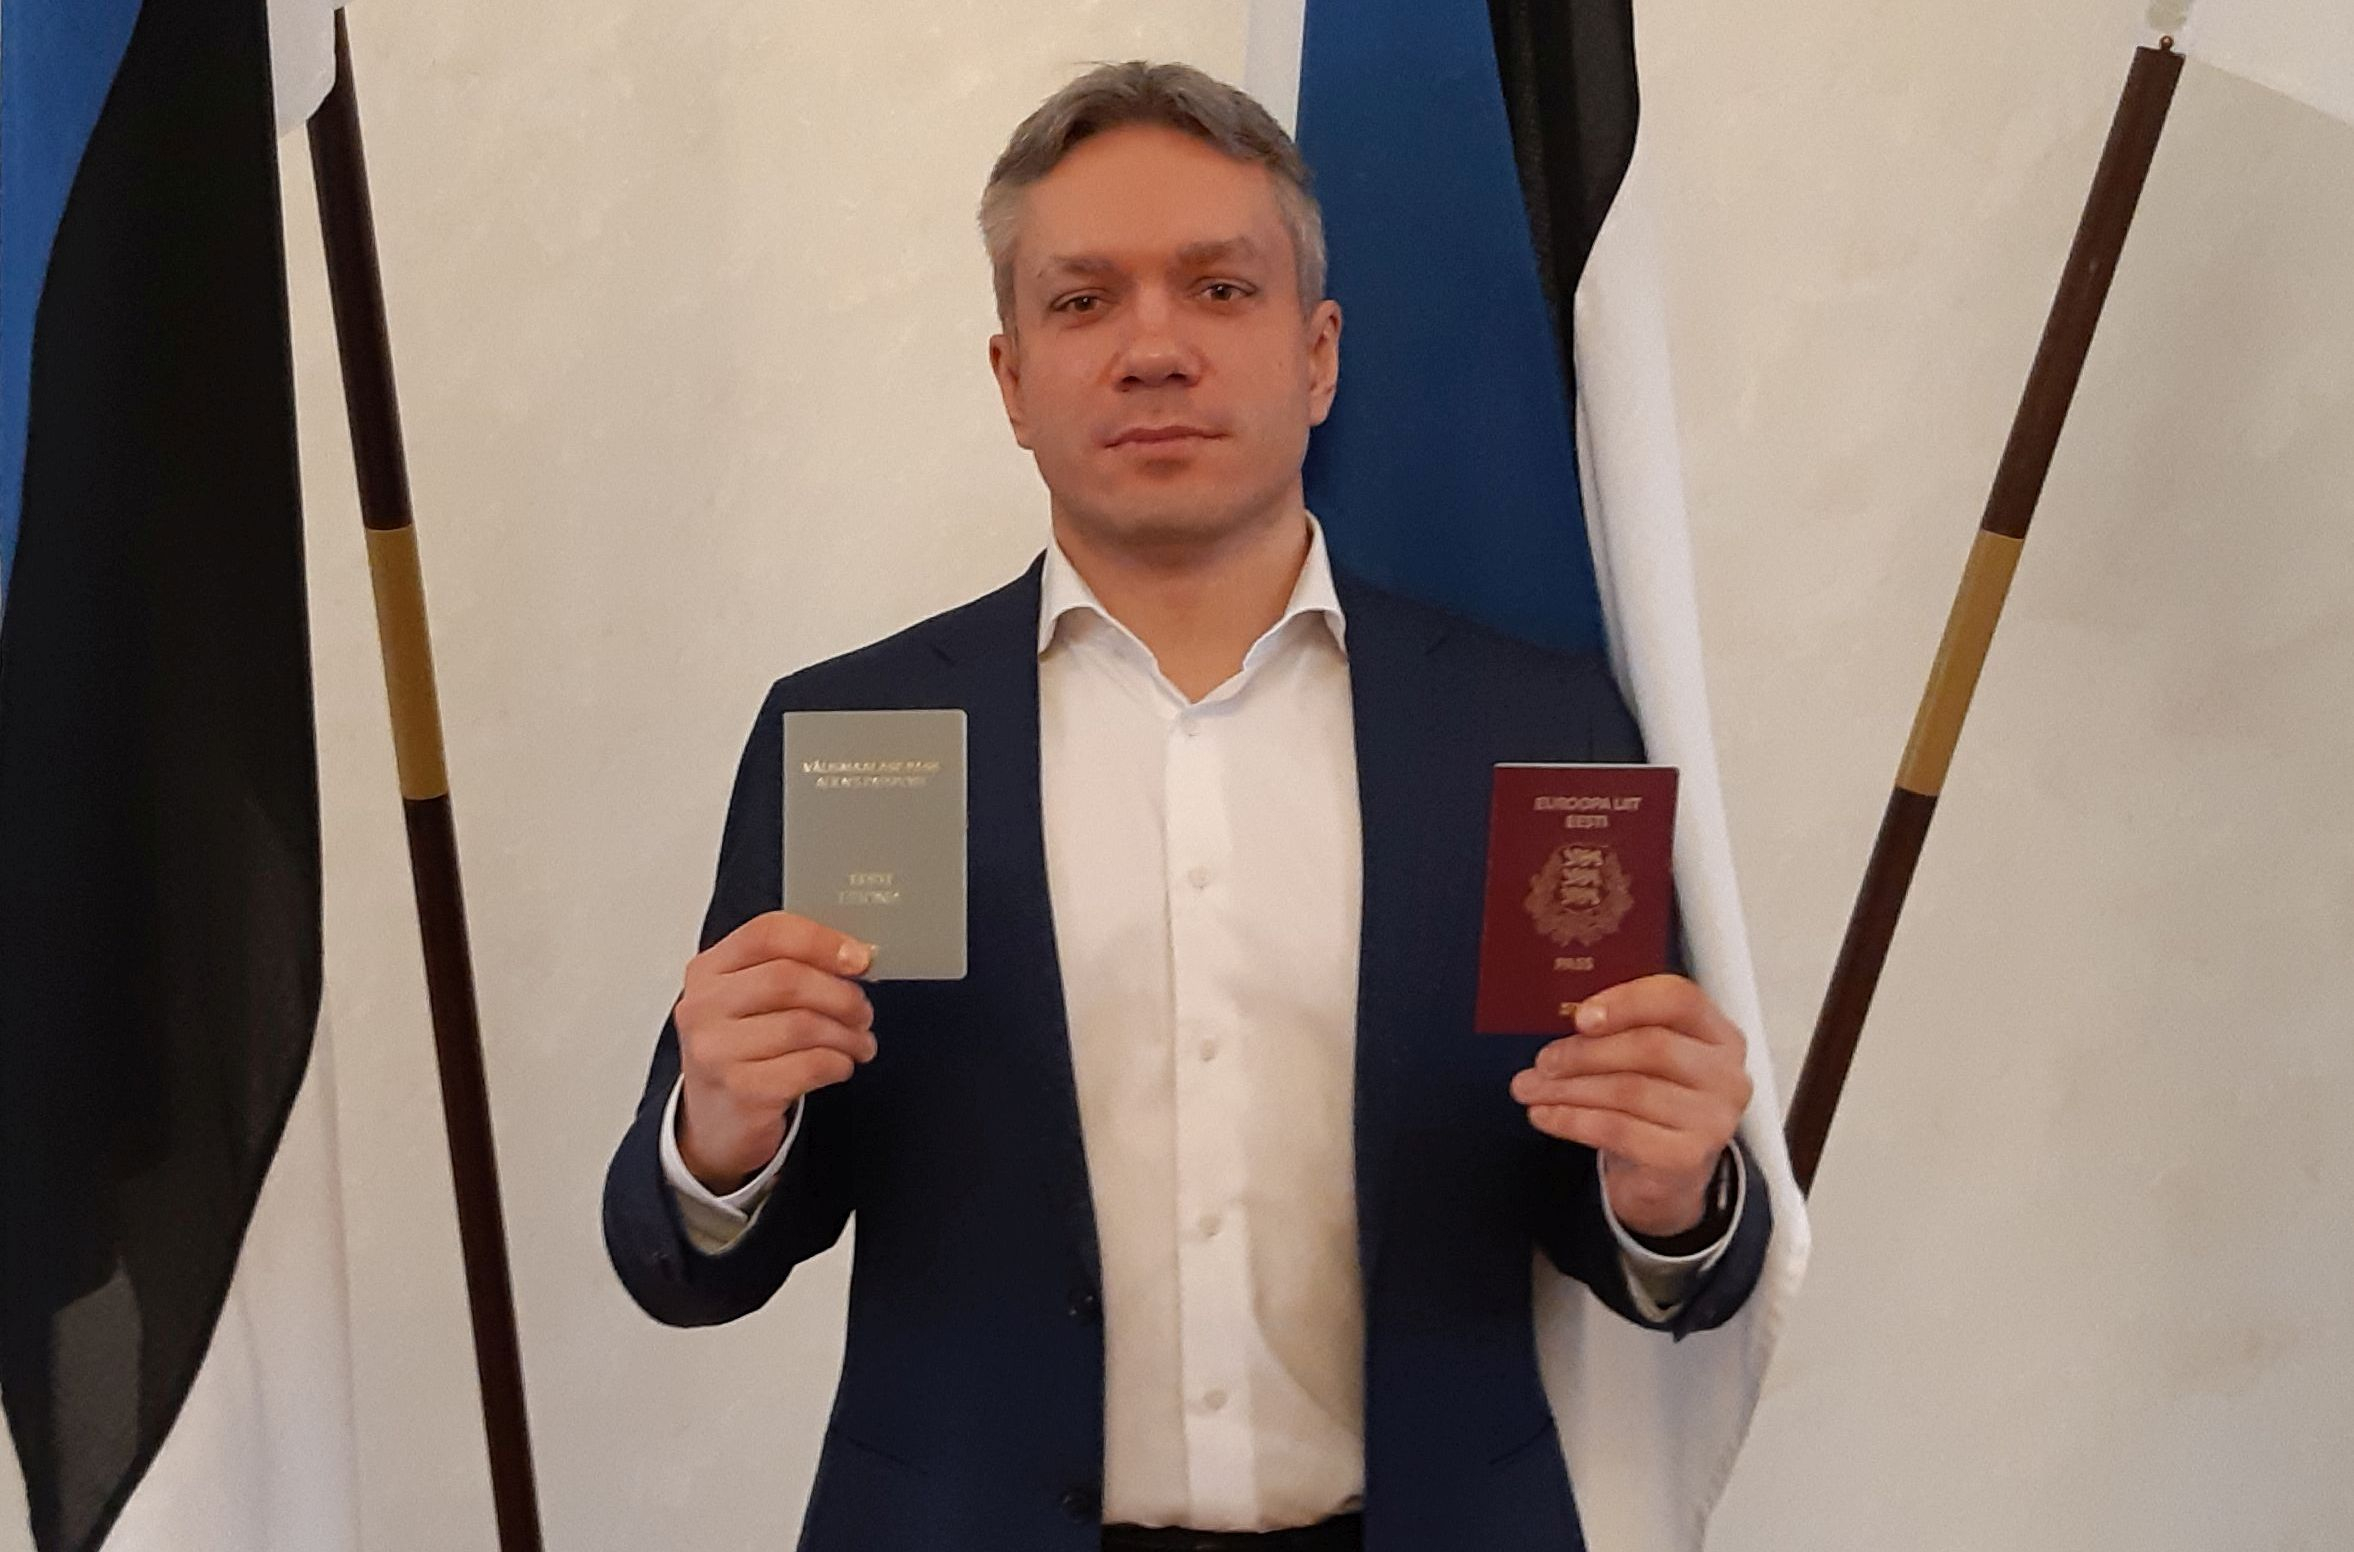 Liikmete mootmed kodakondsusest